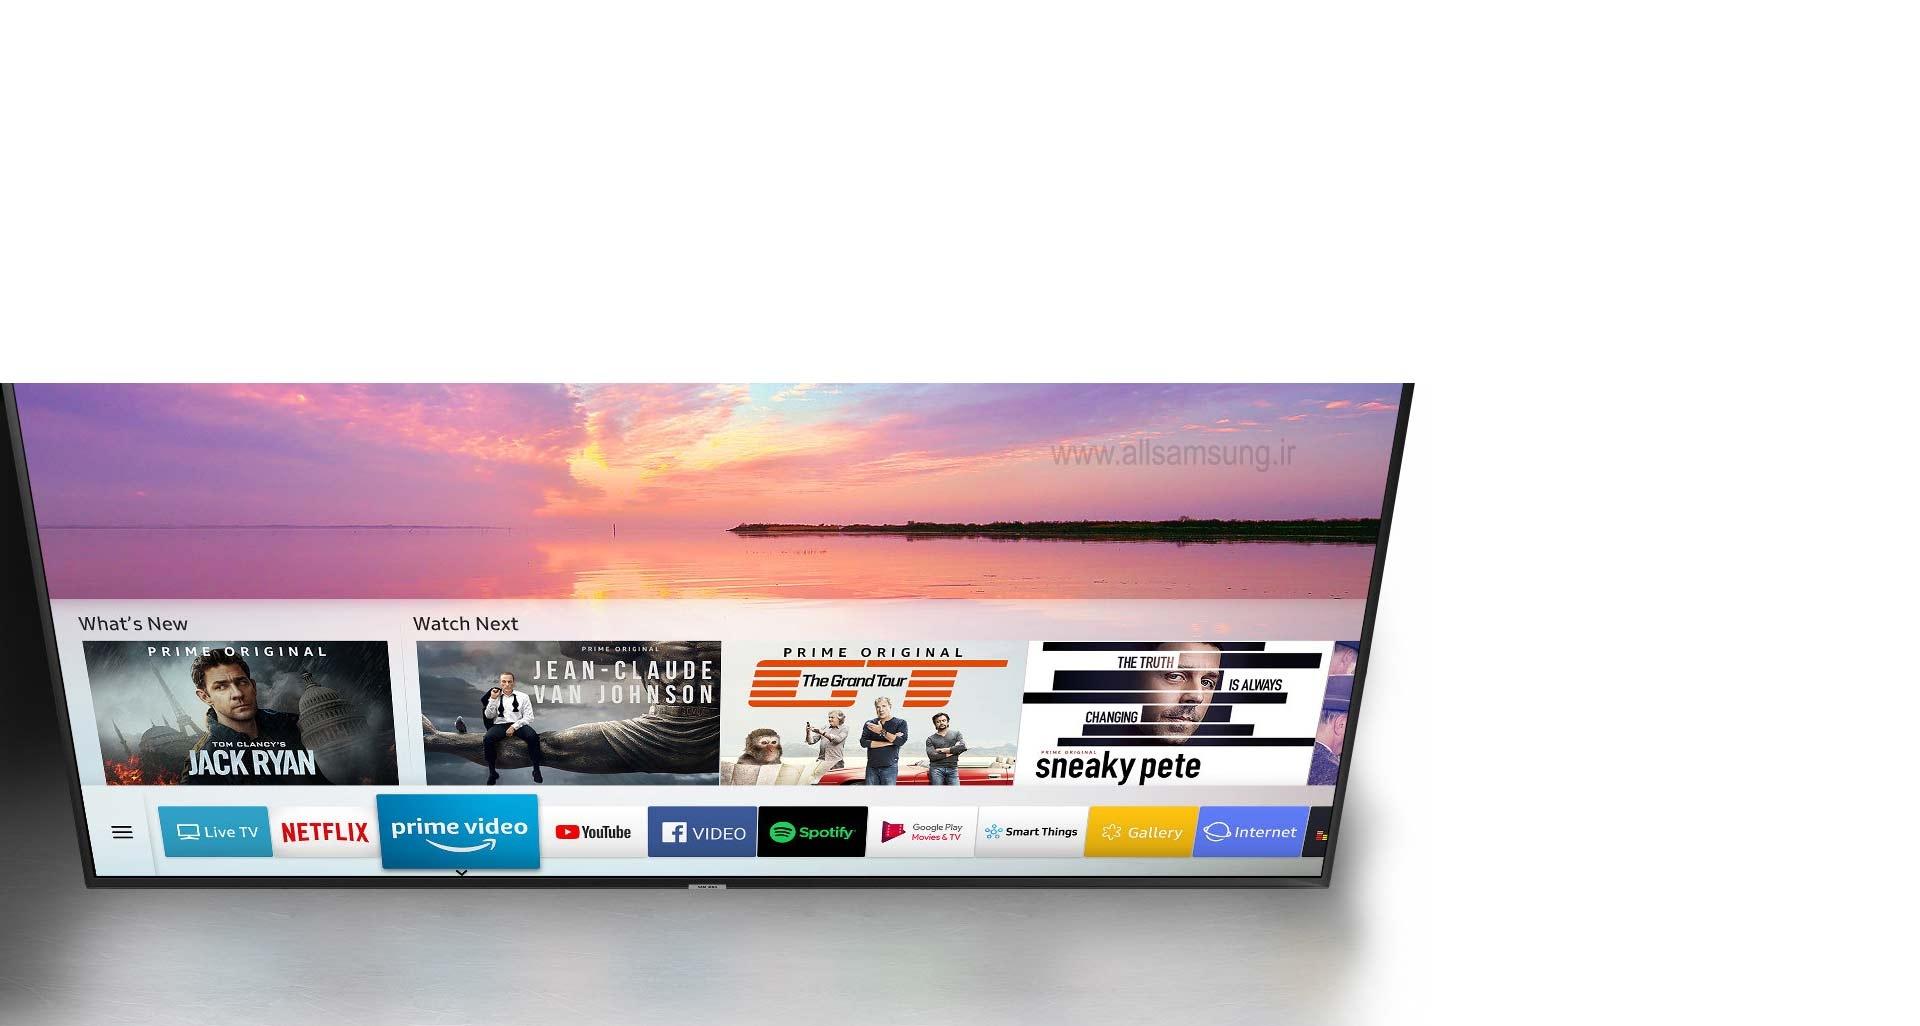 جست و جوی راحت تر محتوا با تلویزیون NU7100